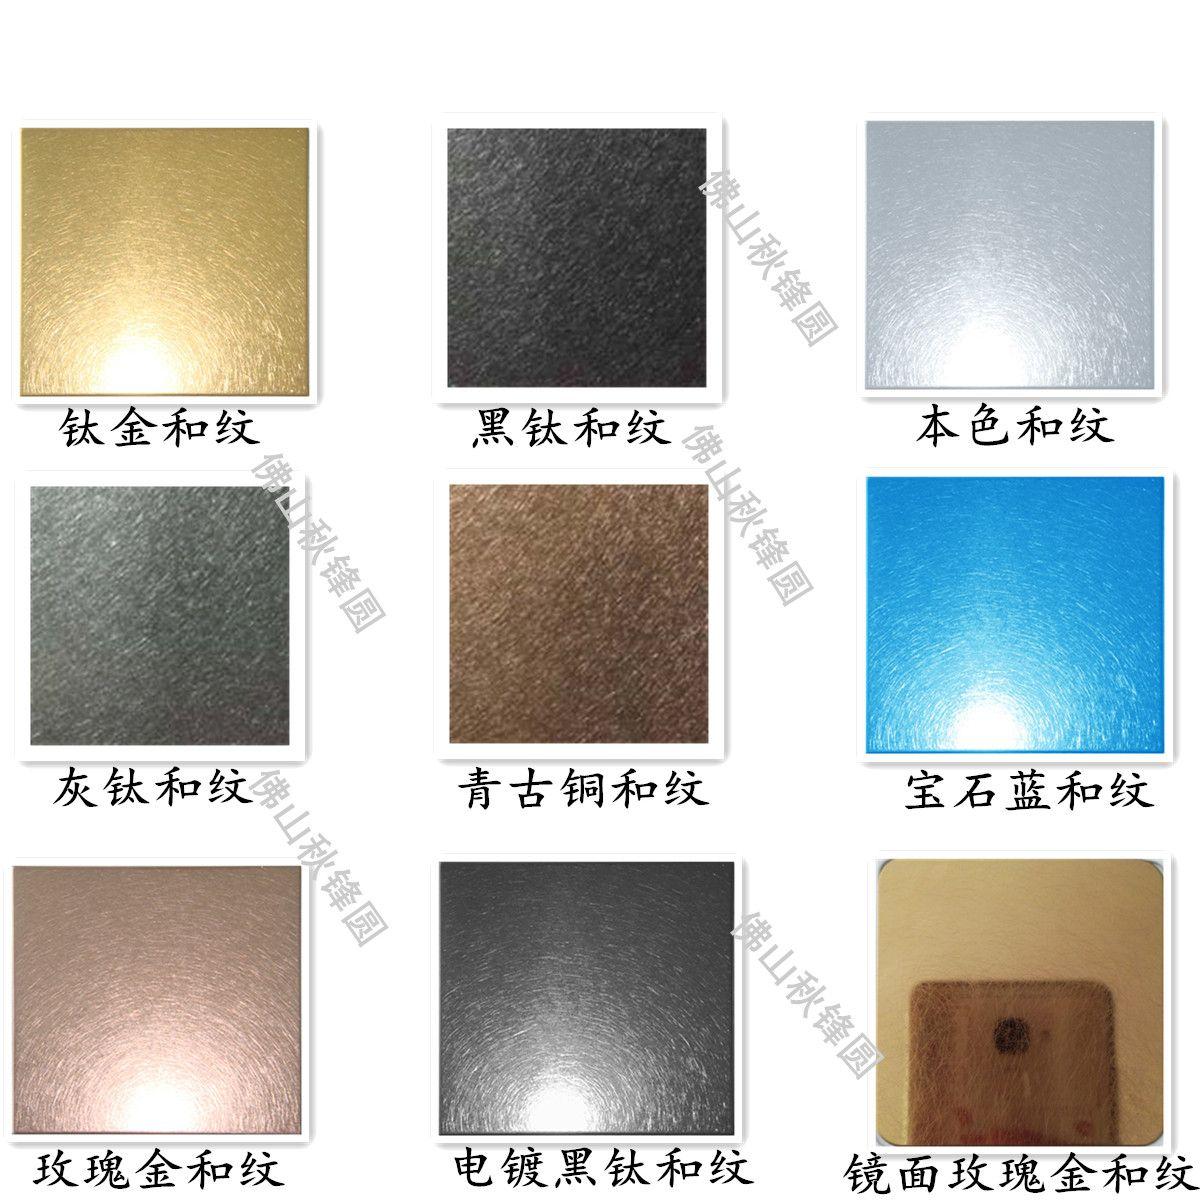 新款不锈钢201、304装饰材料板面和纹乱纹